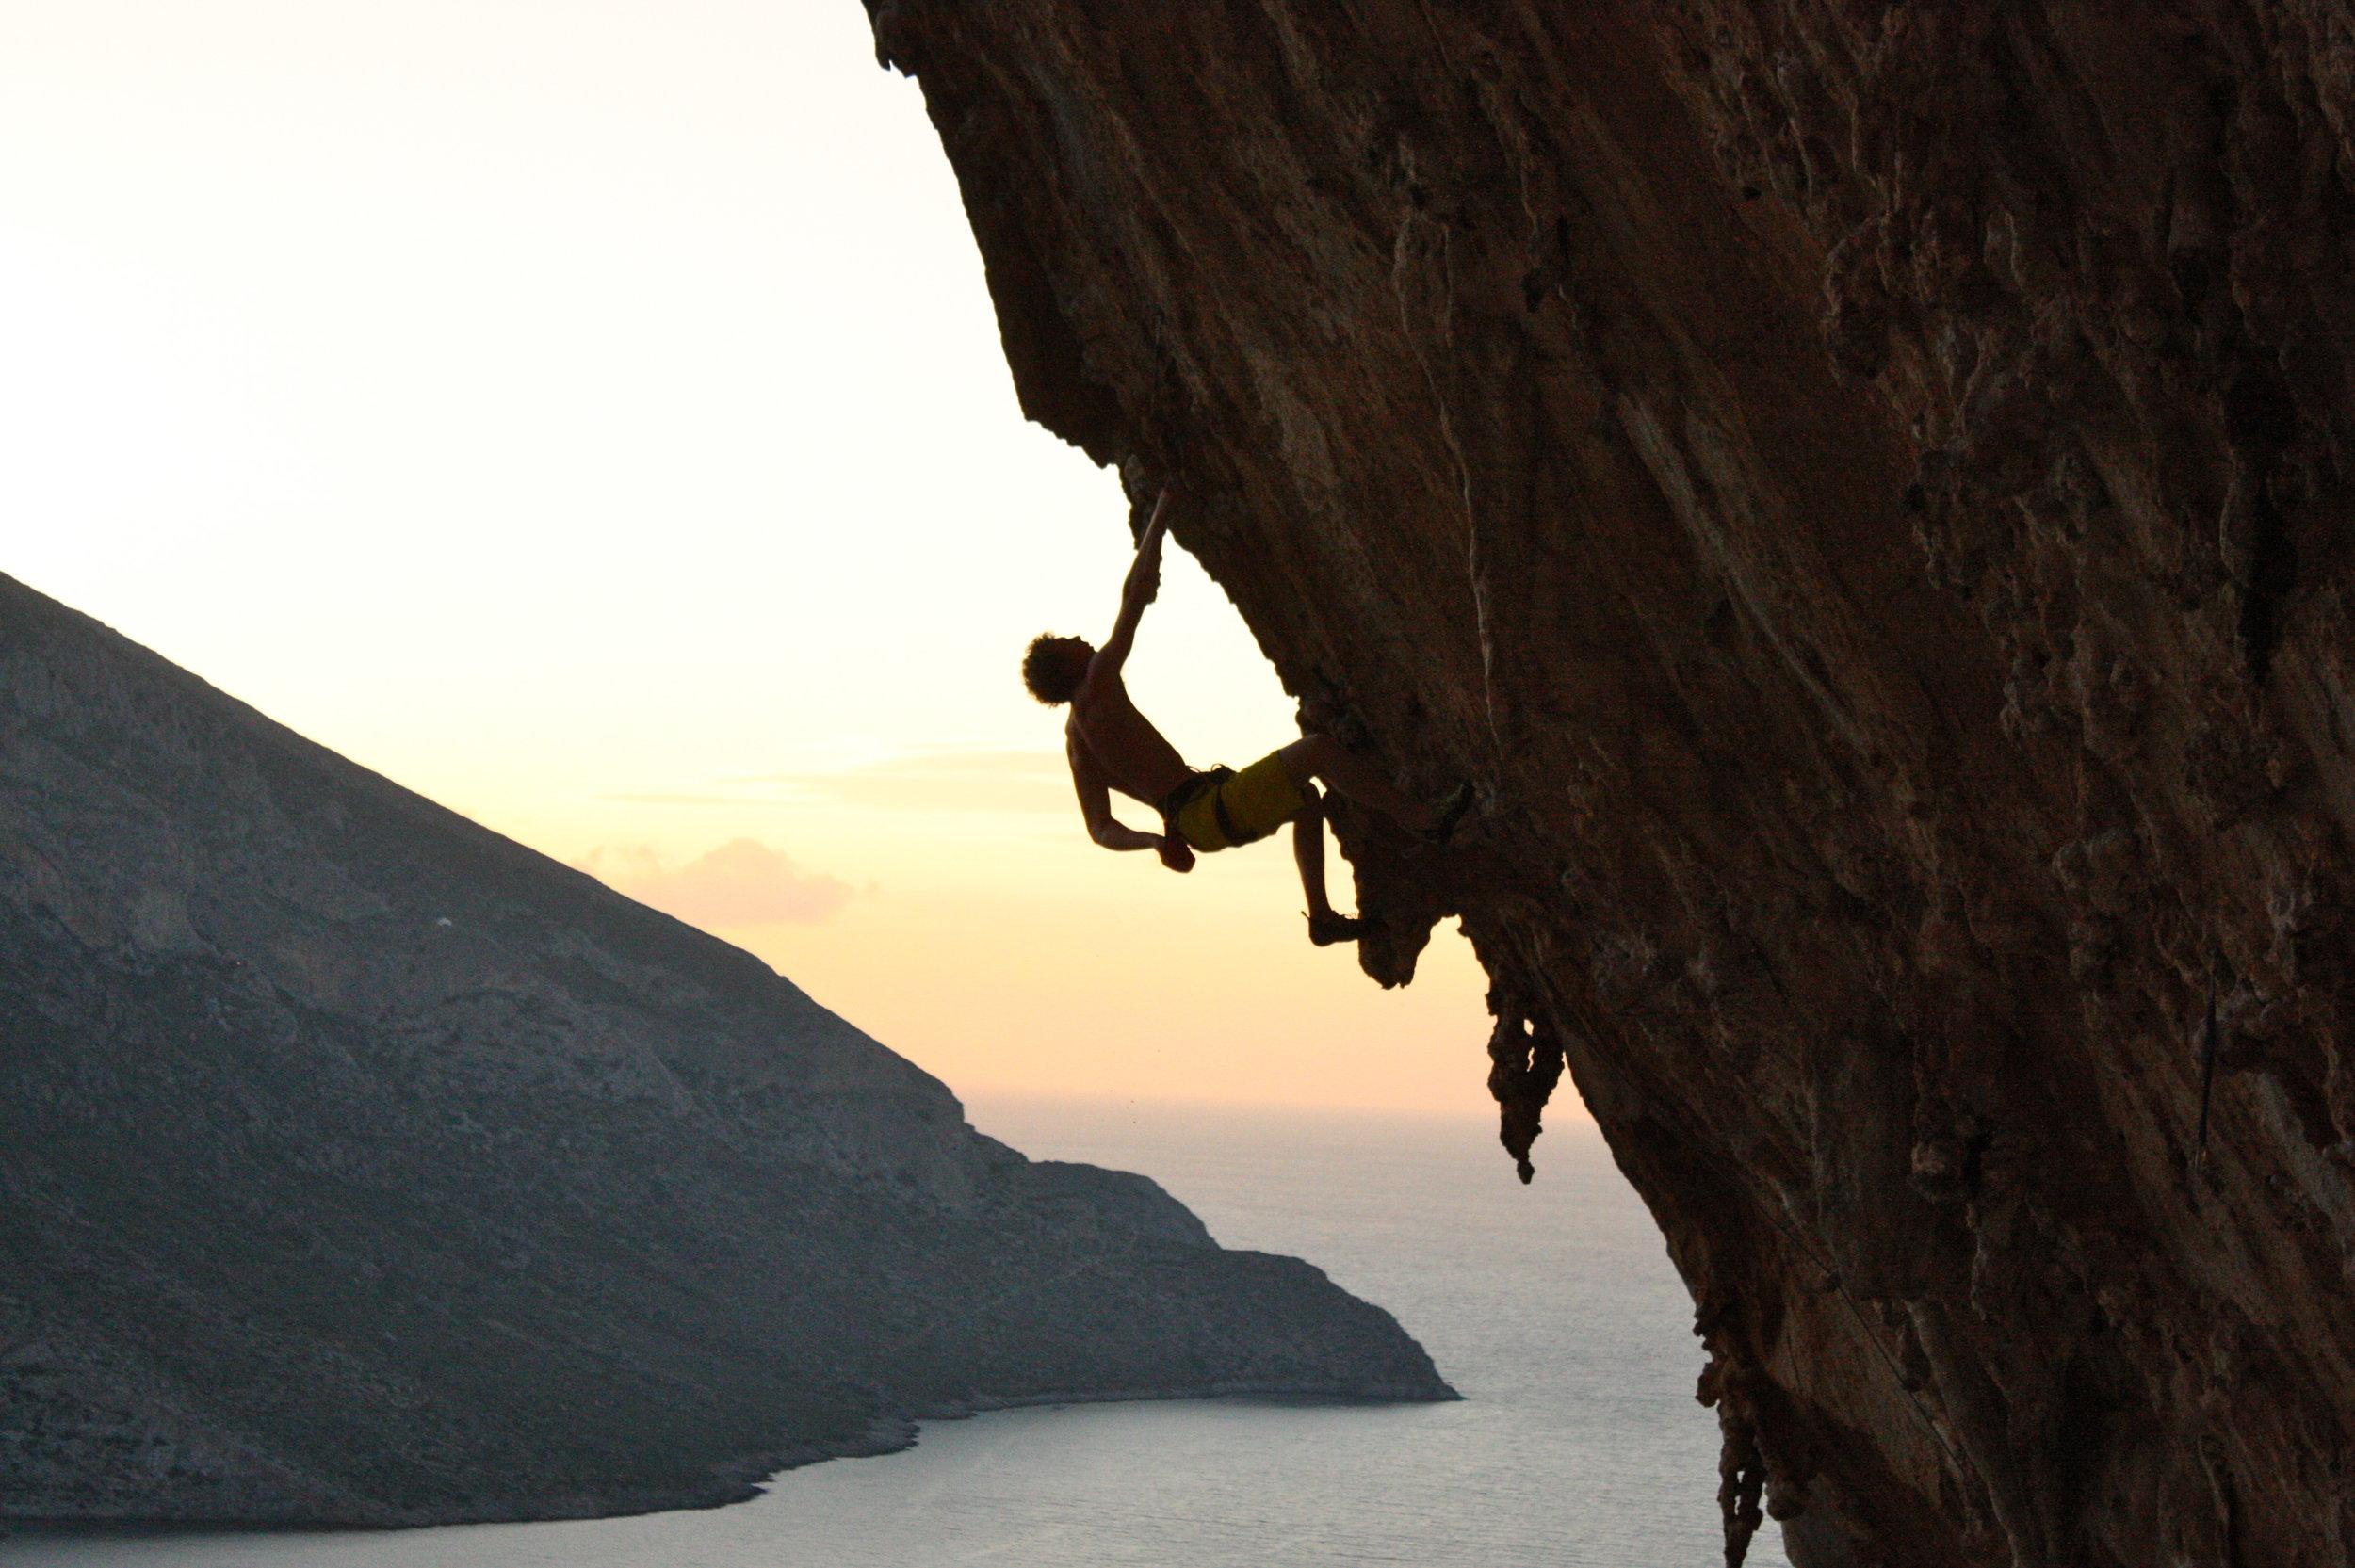 aegealis (7c), grande grotto, kalymnos. photo: rob richardson